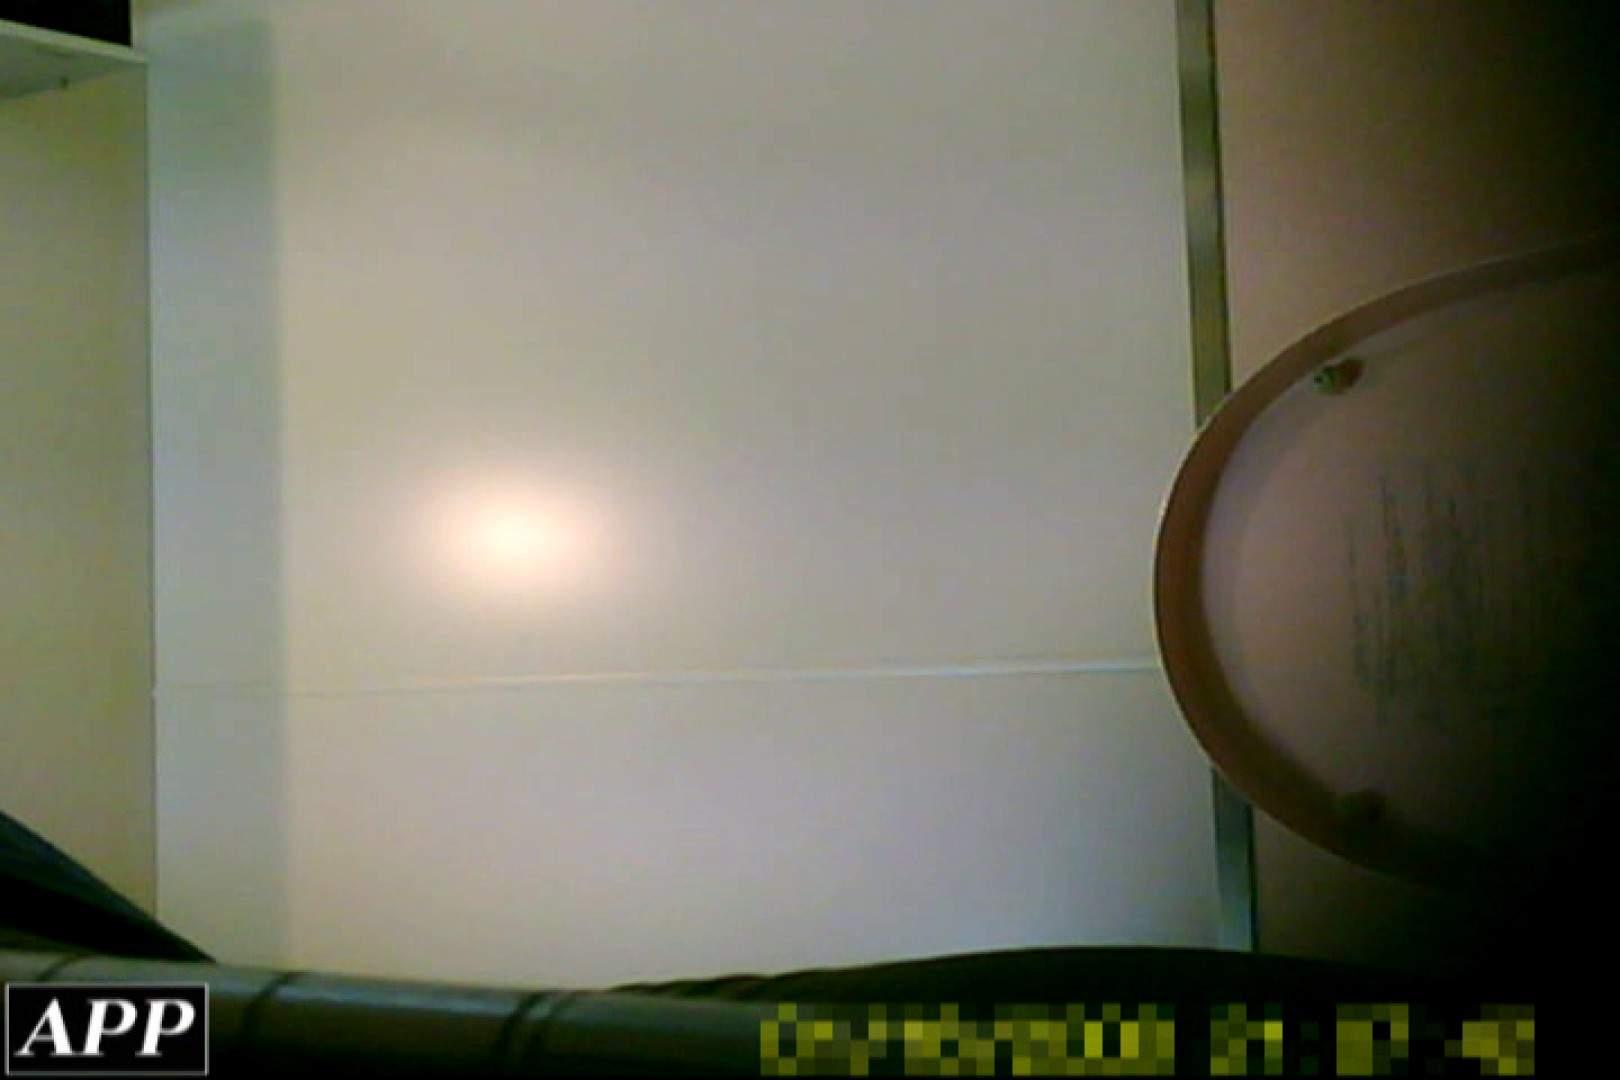 3視点洗面所 vol.009 OLの実態  89pic 64